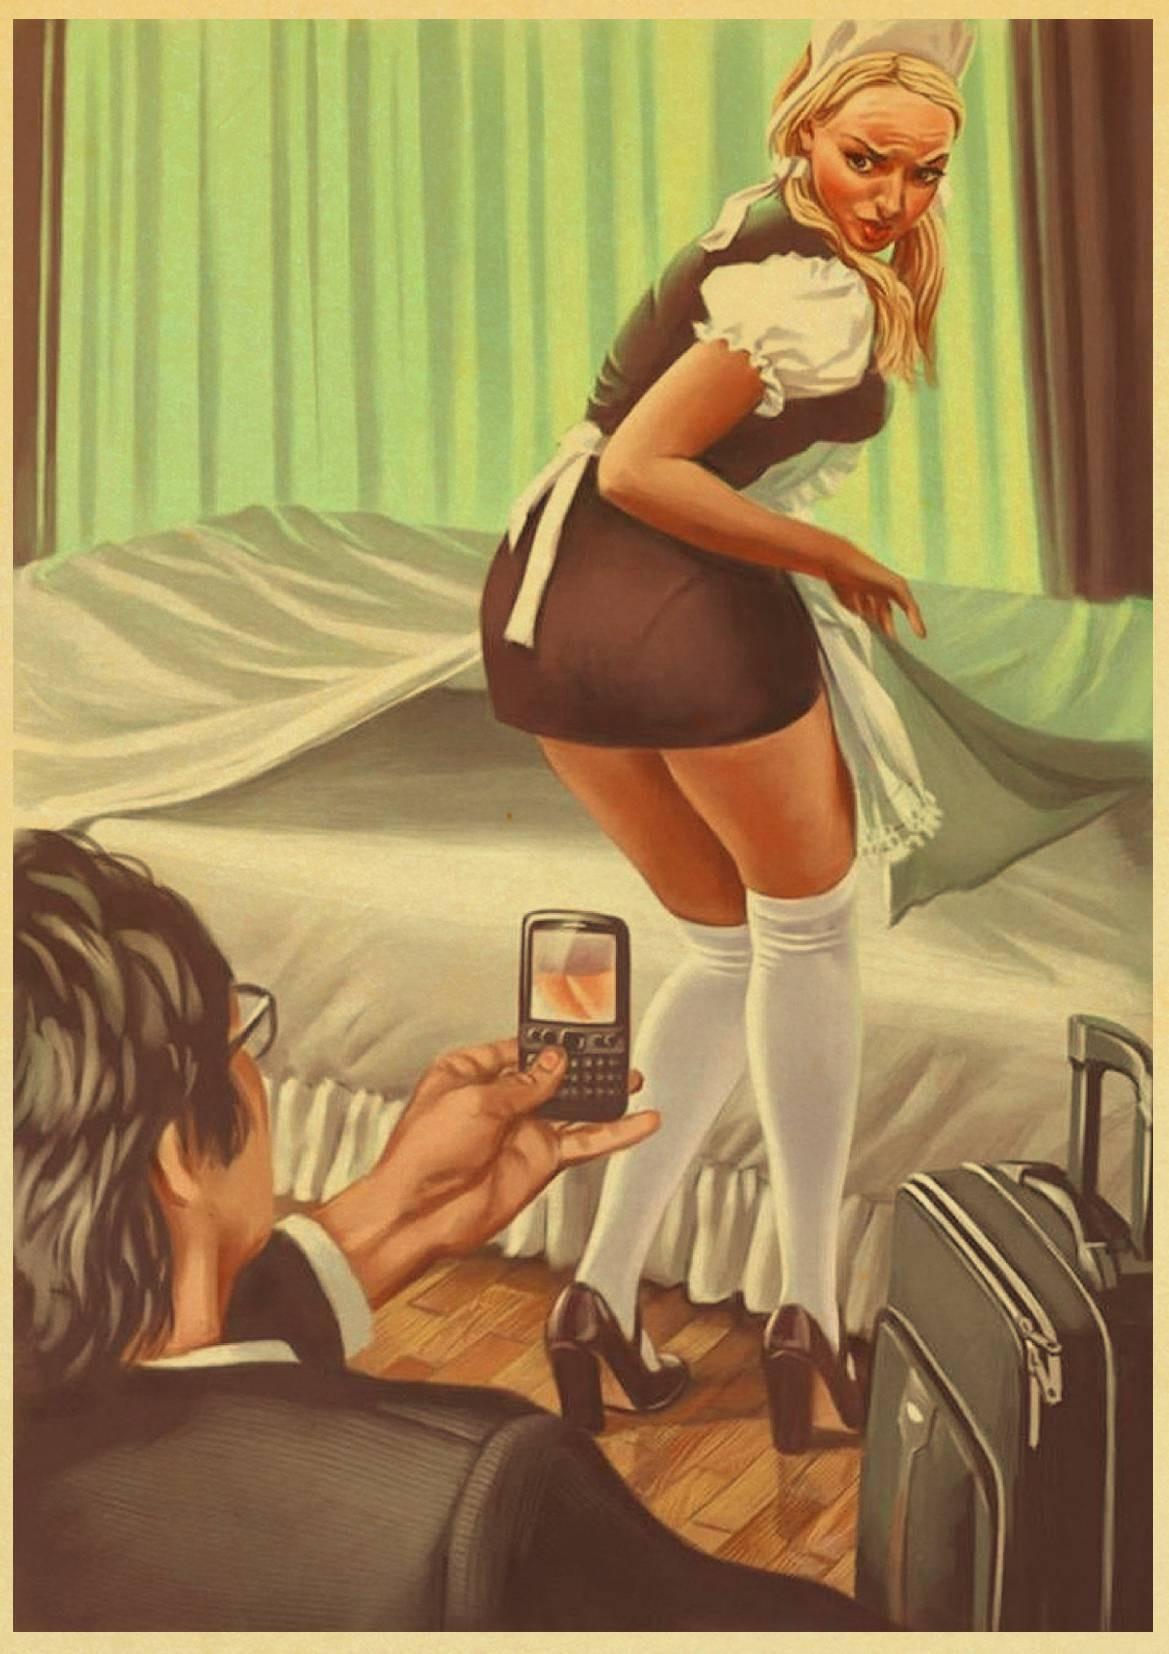 Сталин СССР CCCP Ретро плакат хорошее качество печатные настенные Ретро Плакаты для дома Бар Кафе комната стикер стены - Цвет: E118